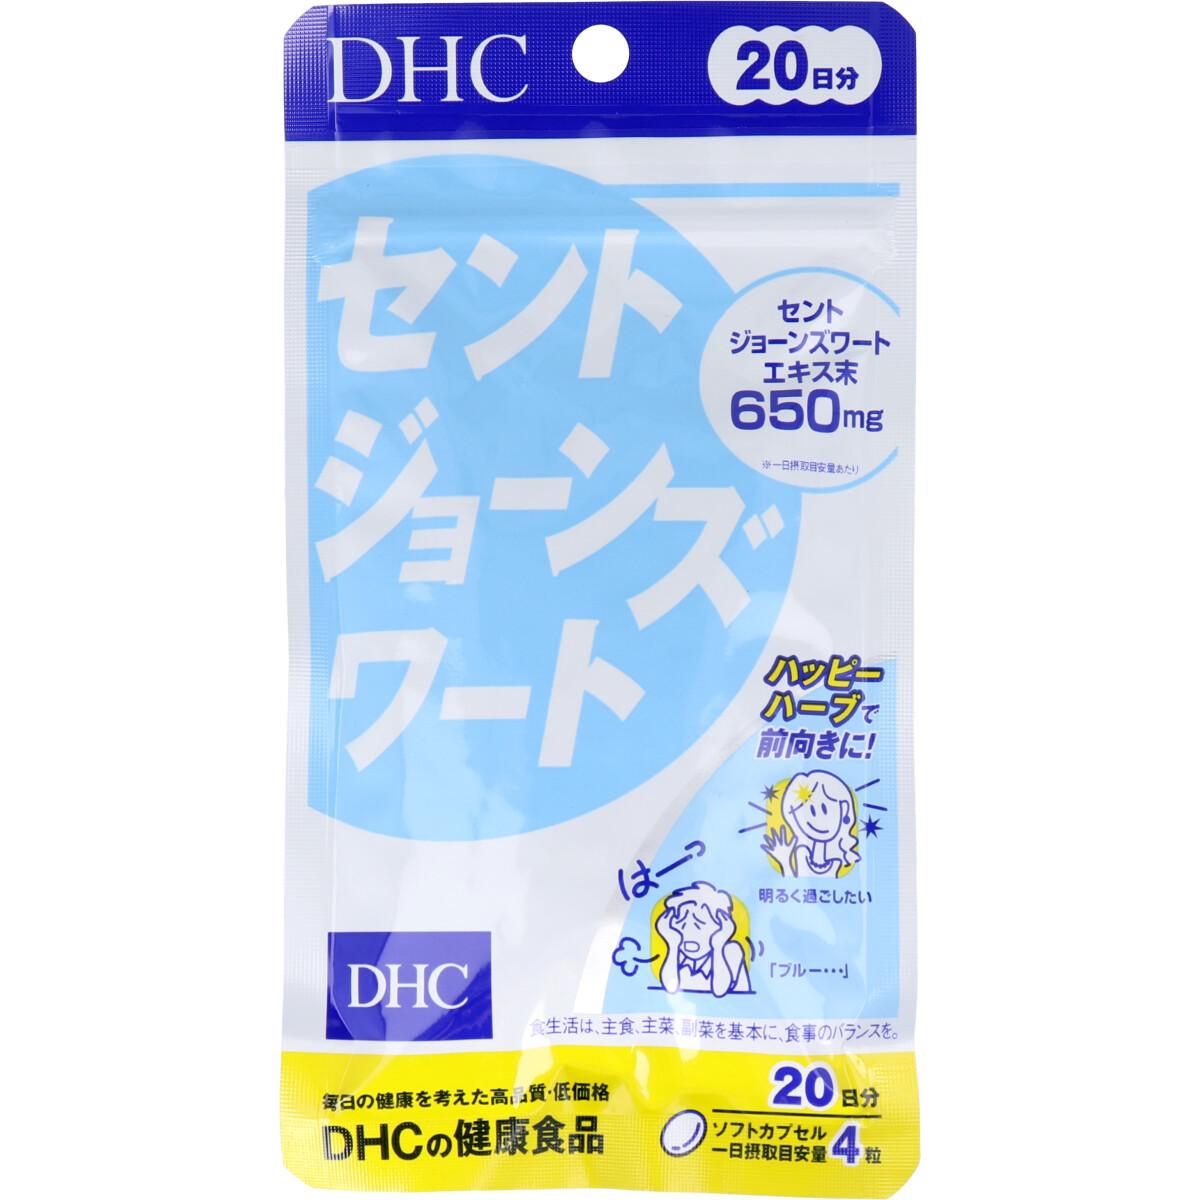 5☆大好評 ほがらかな心で毎日をはつらつと DHC お気に入 セントジョーンズワート 80粒入 20日分